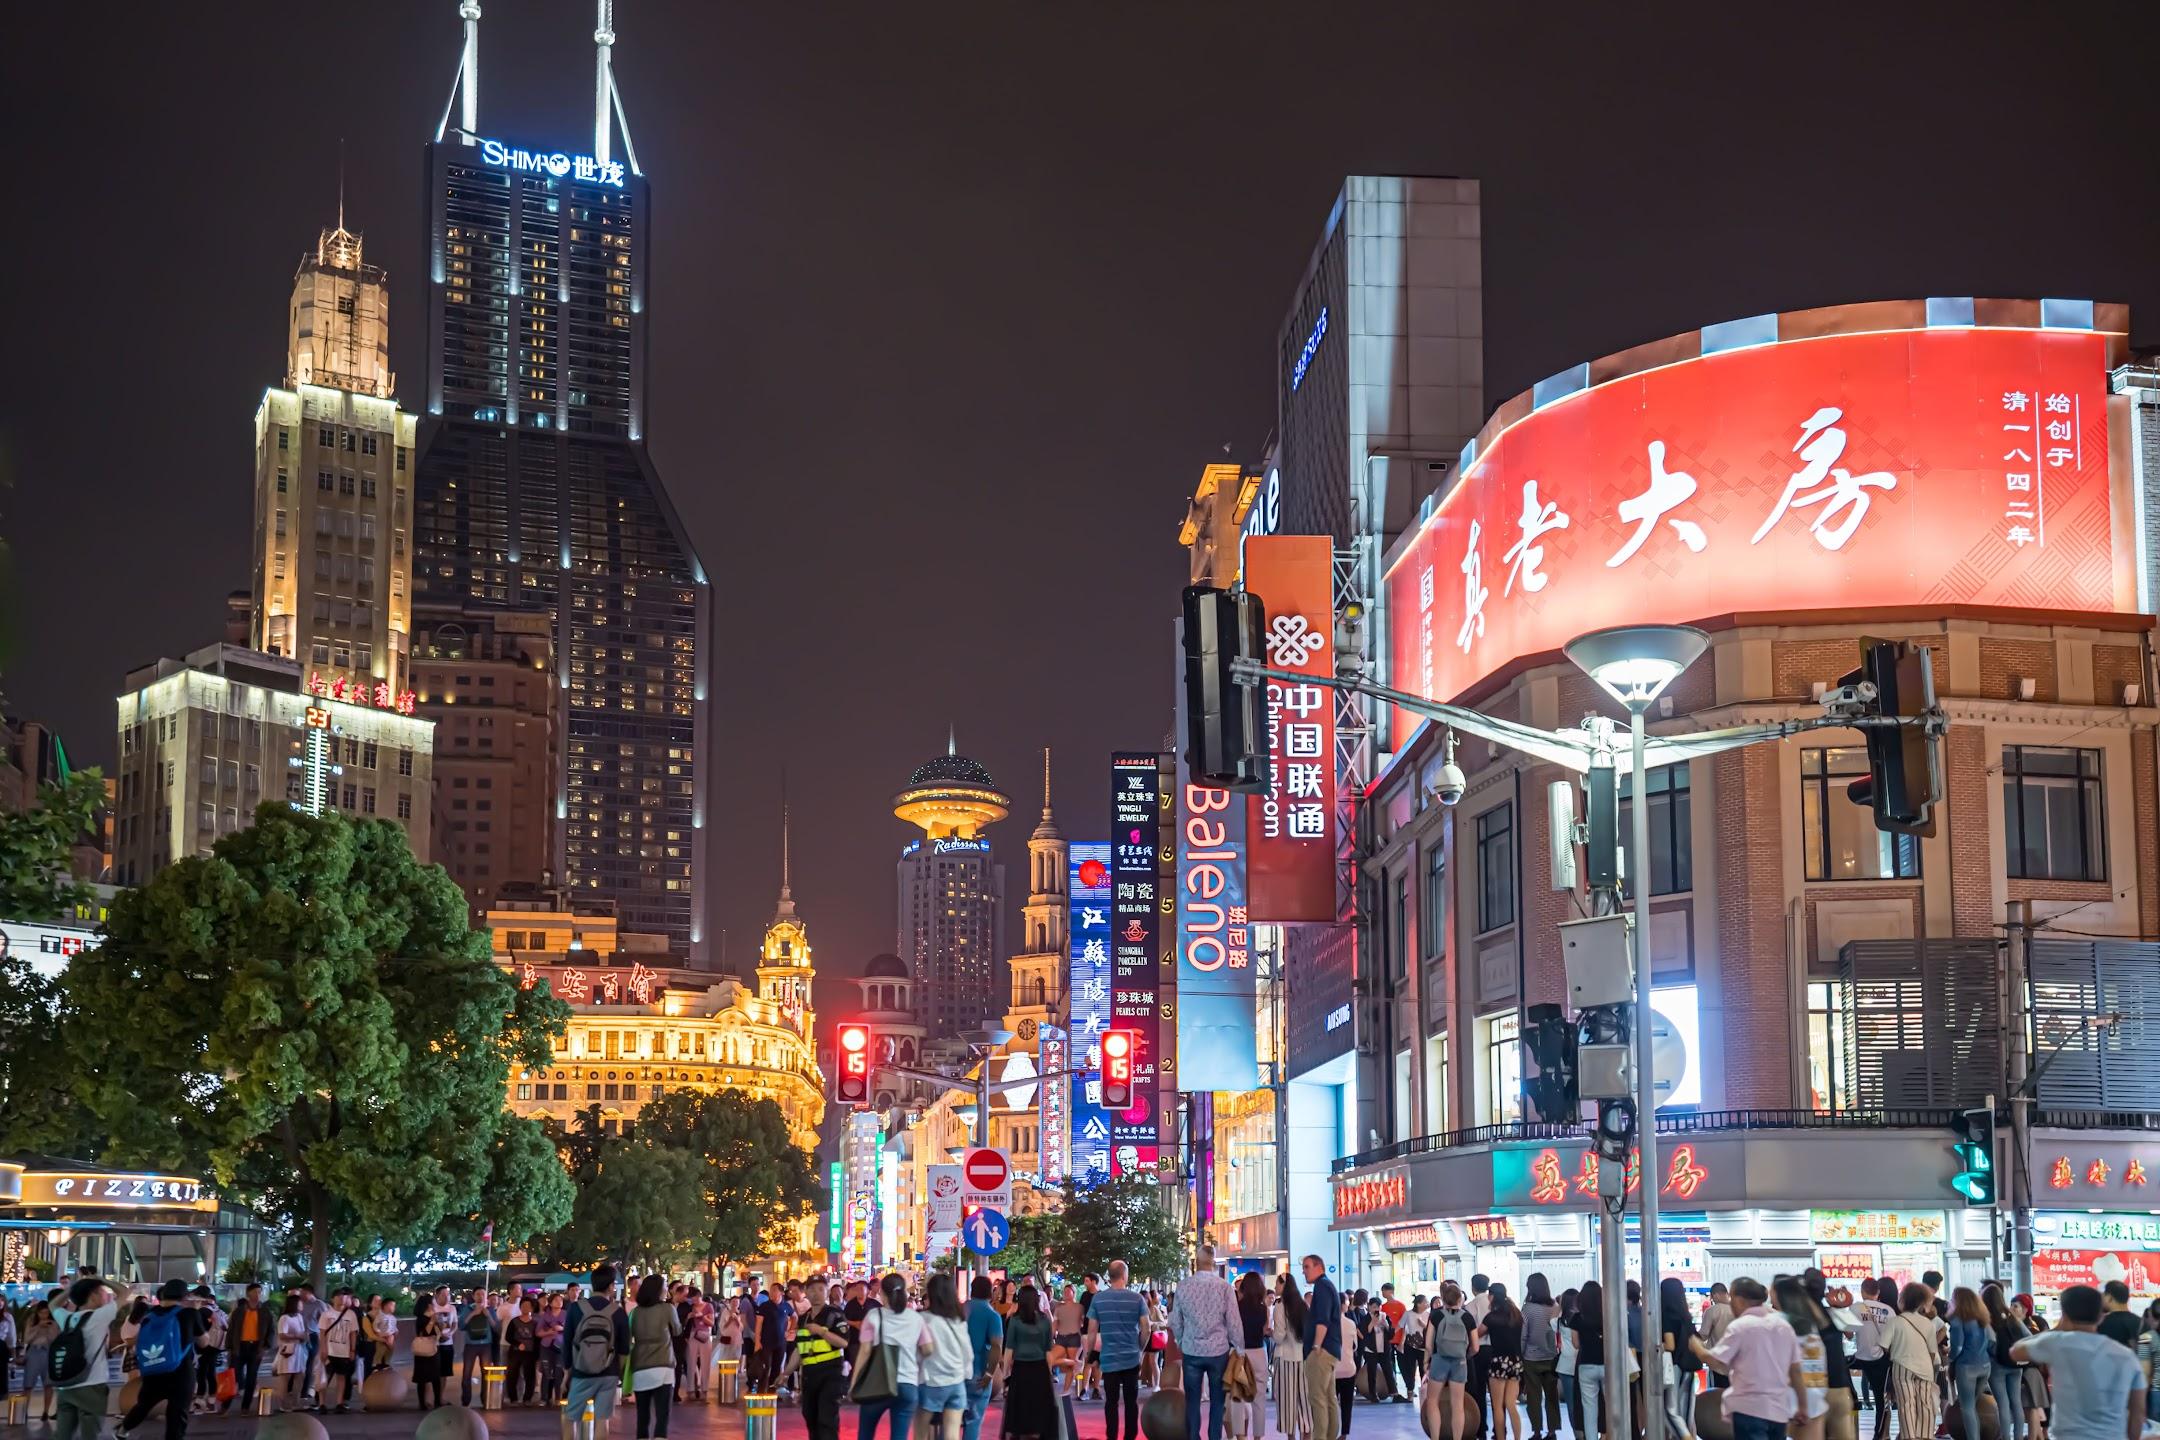 上海 南京東路 夜7